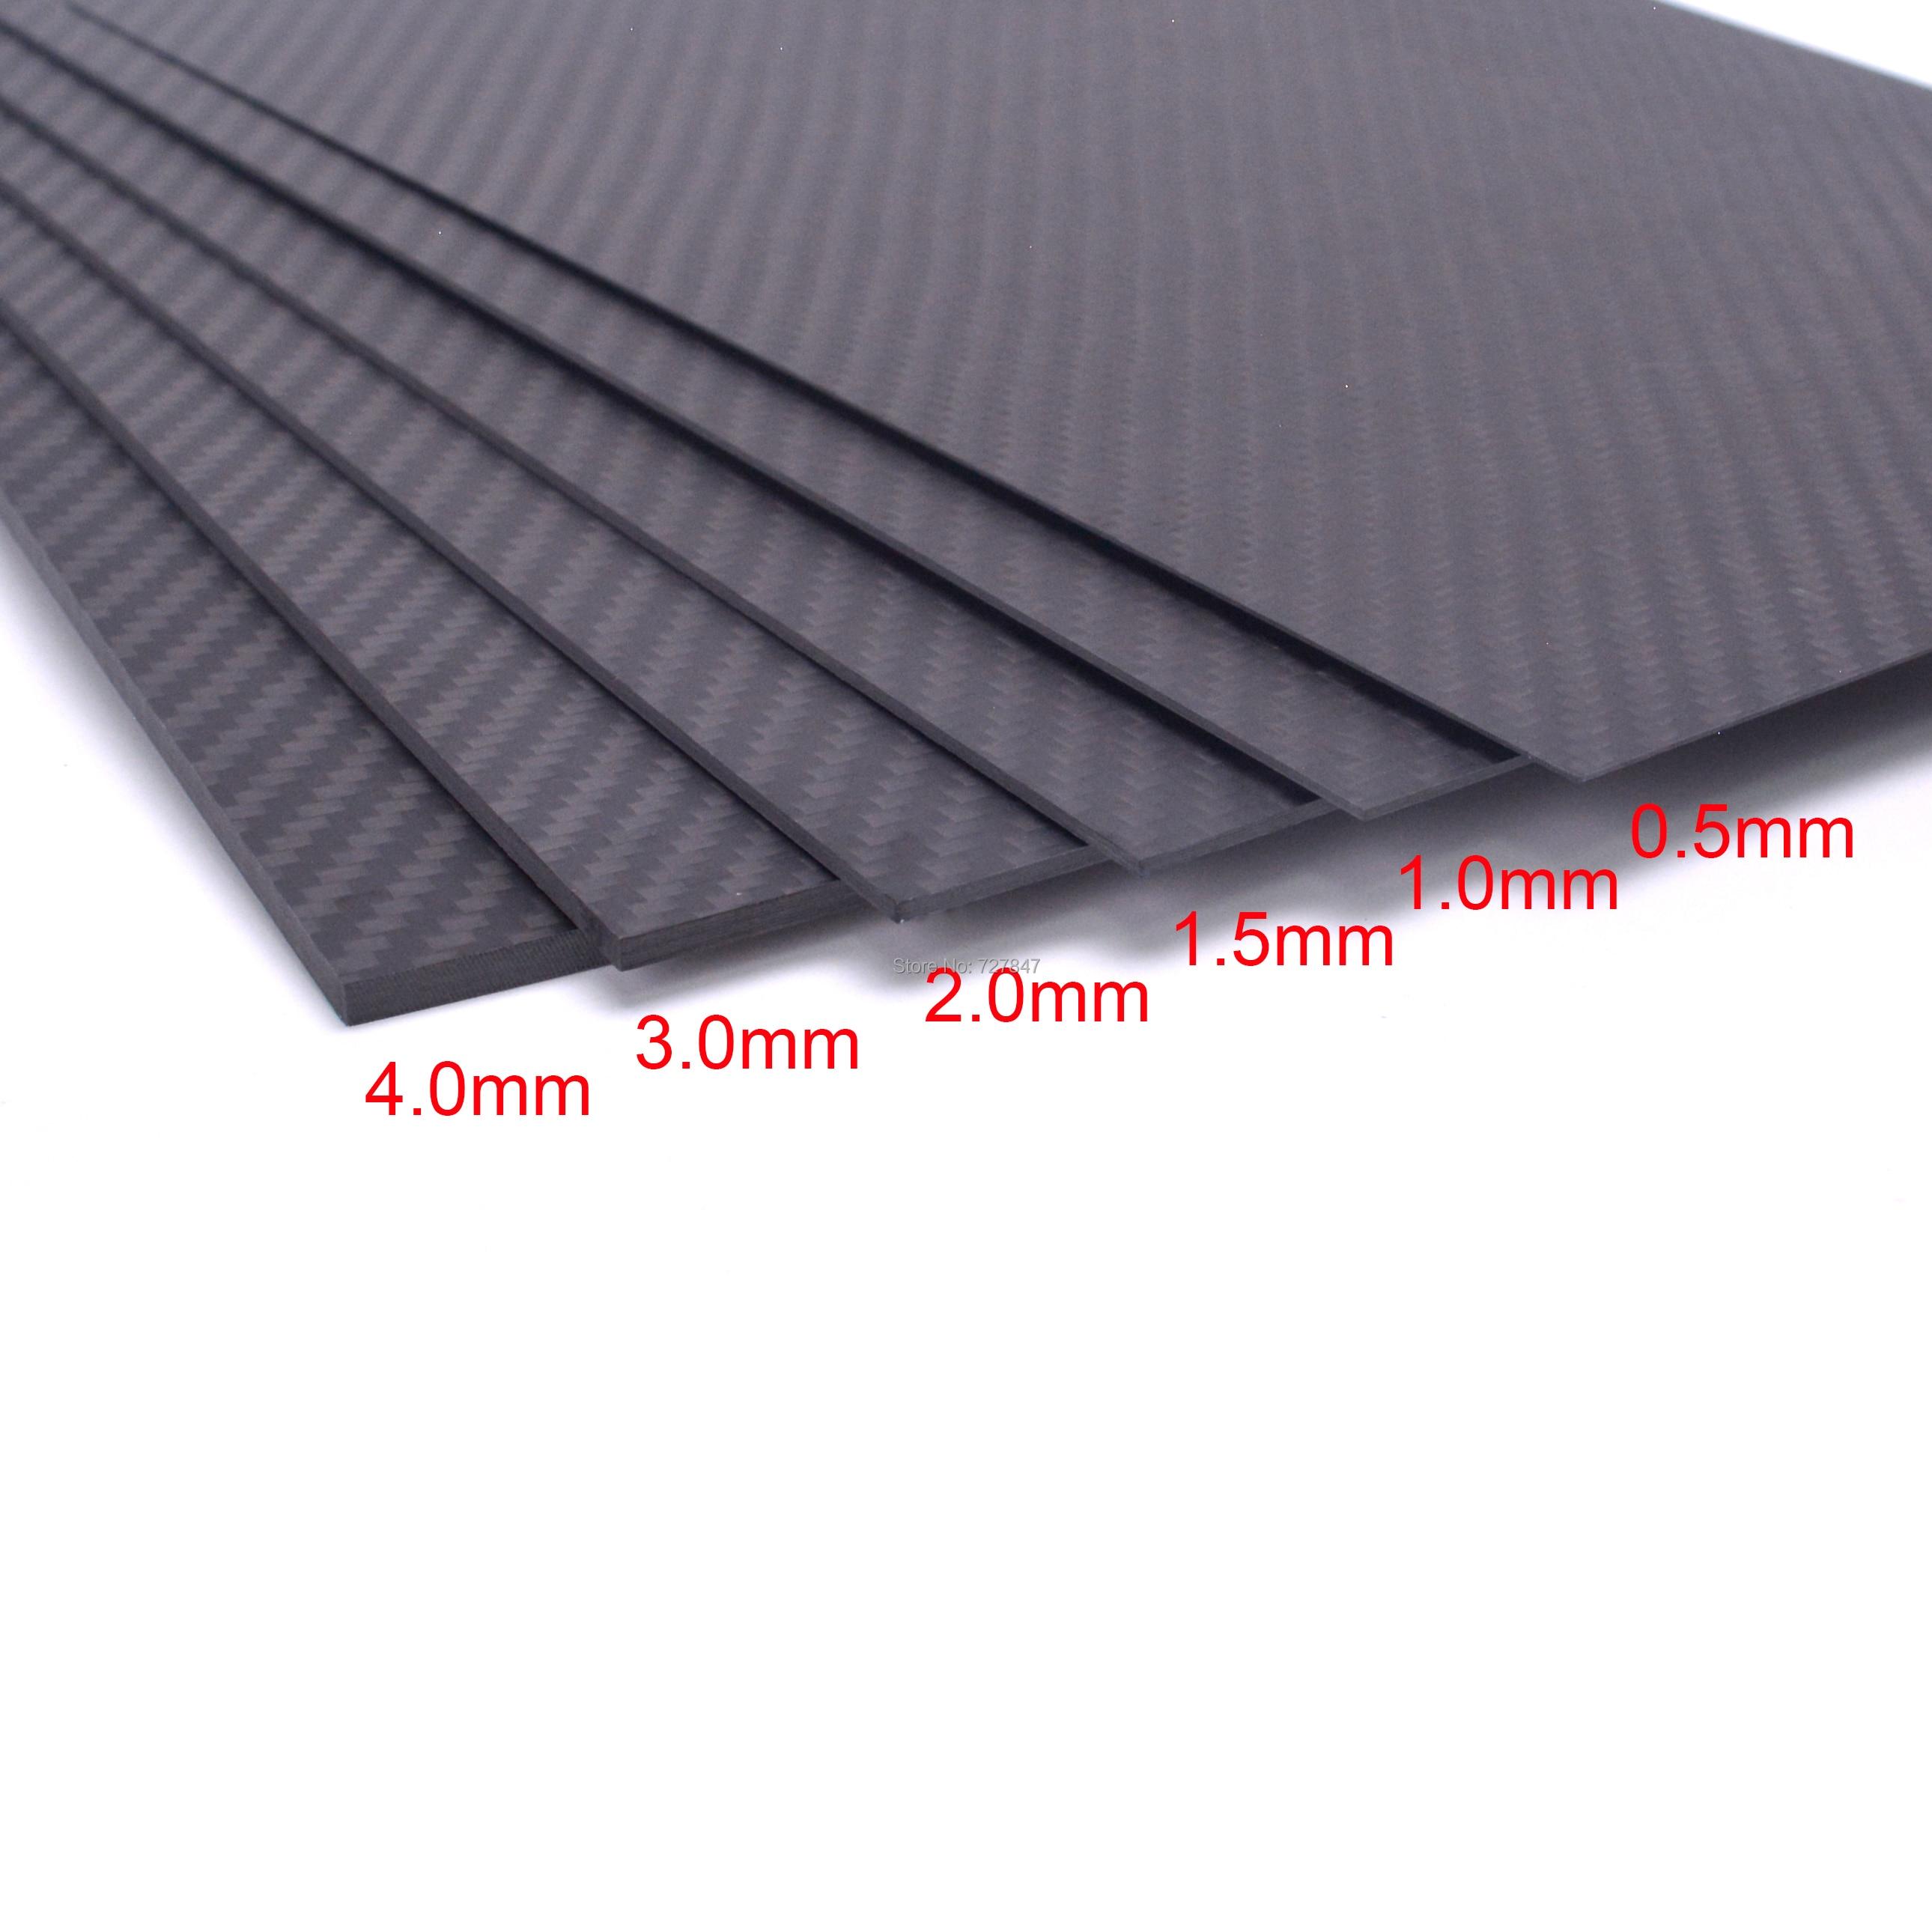 400 milímetros X 200 milímetros Real da Fibra do Carbono Placa Painel de Folhas 0.5 milímetros 1 milímetros 1.5 milímetros 2mm 3mm 4 milímetros 5mm de espessura Composto Material de Dureza